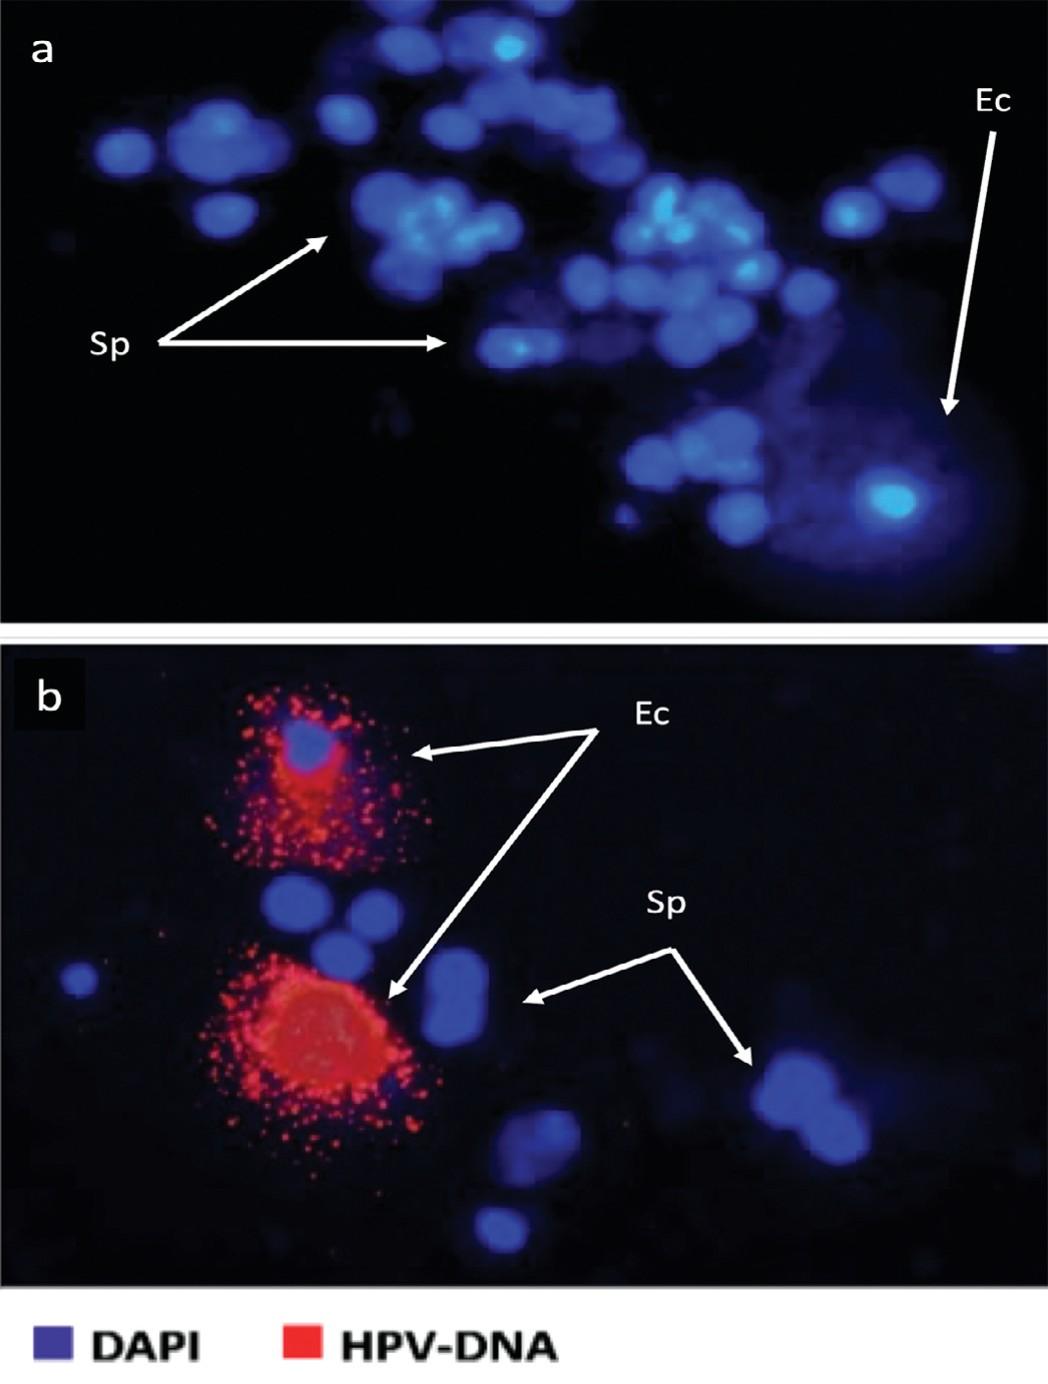 Результаты анализа FISH на ВПЧ в образцах спермы. Вверху – отрицательный образец в отношении спермы и слущенного эпителия, внизу – положительный результат для слущенного эпителия